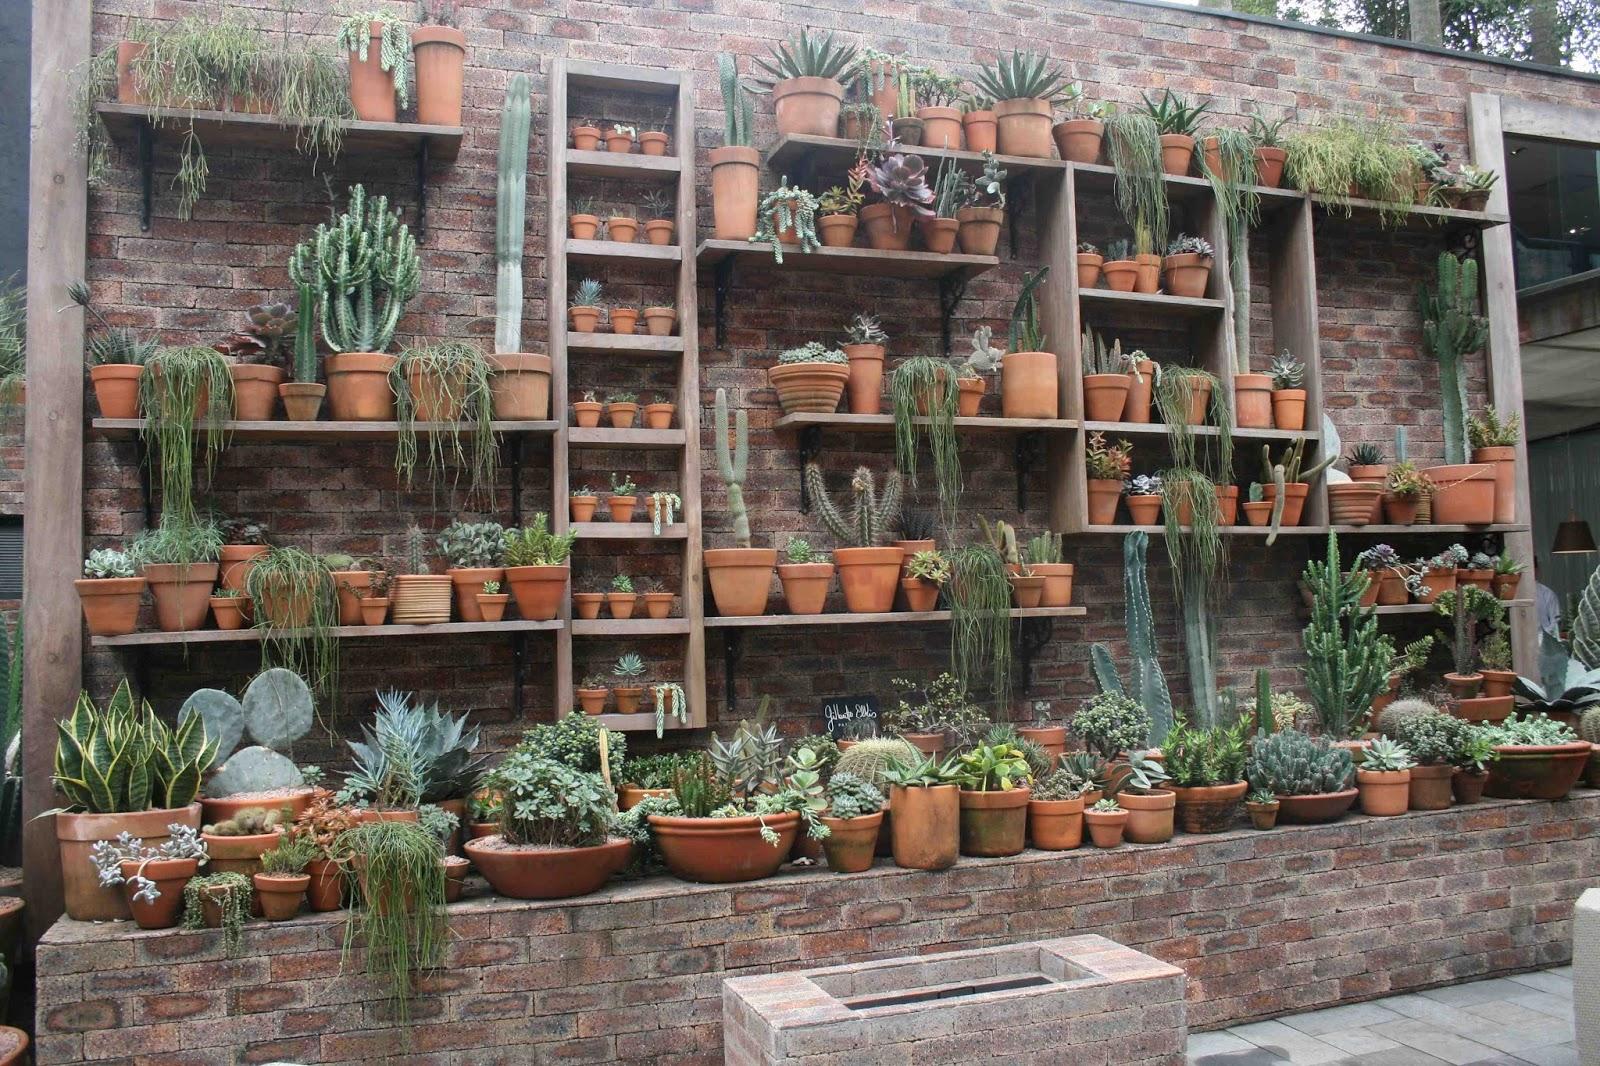 terraco jardim detalhe:Detalhe do terraço de Gilberto Elkis